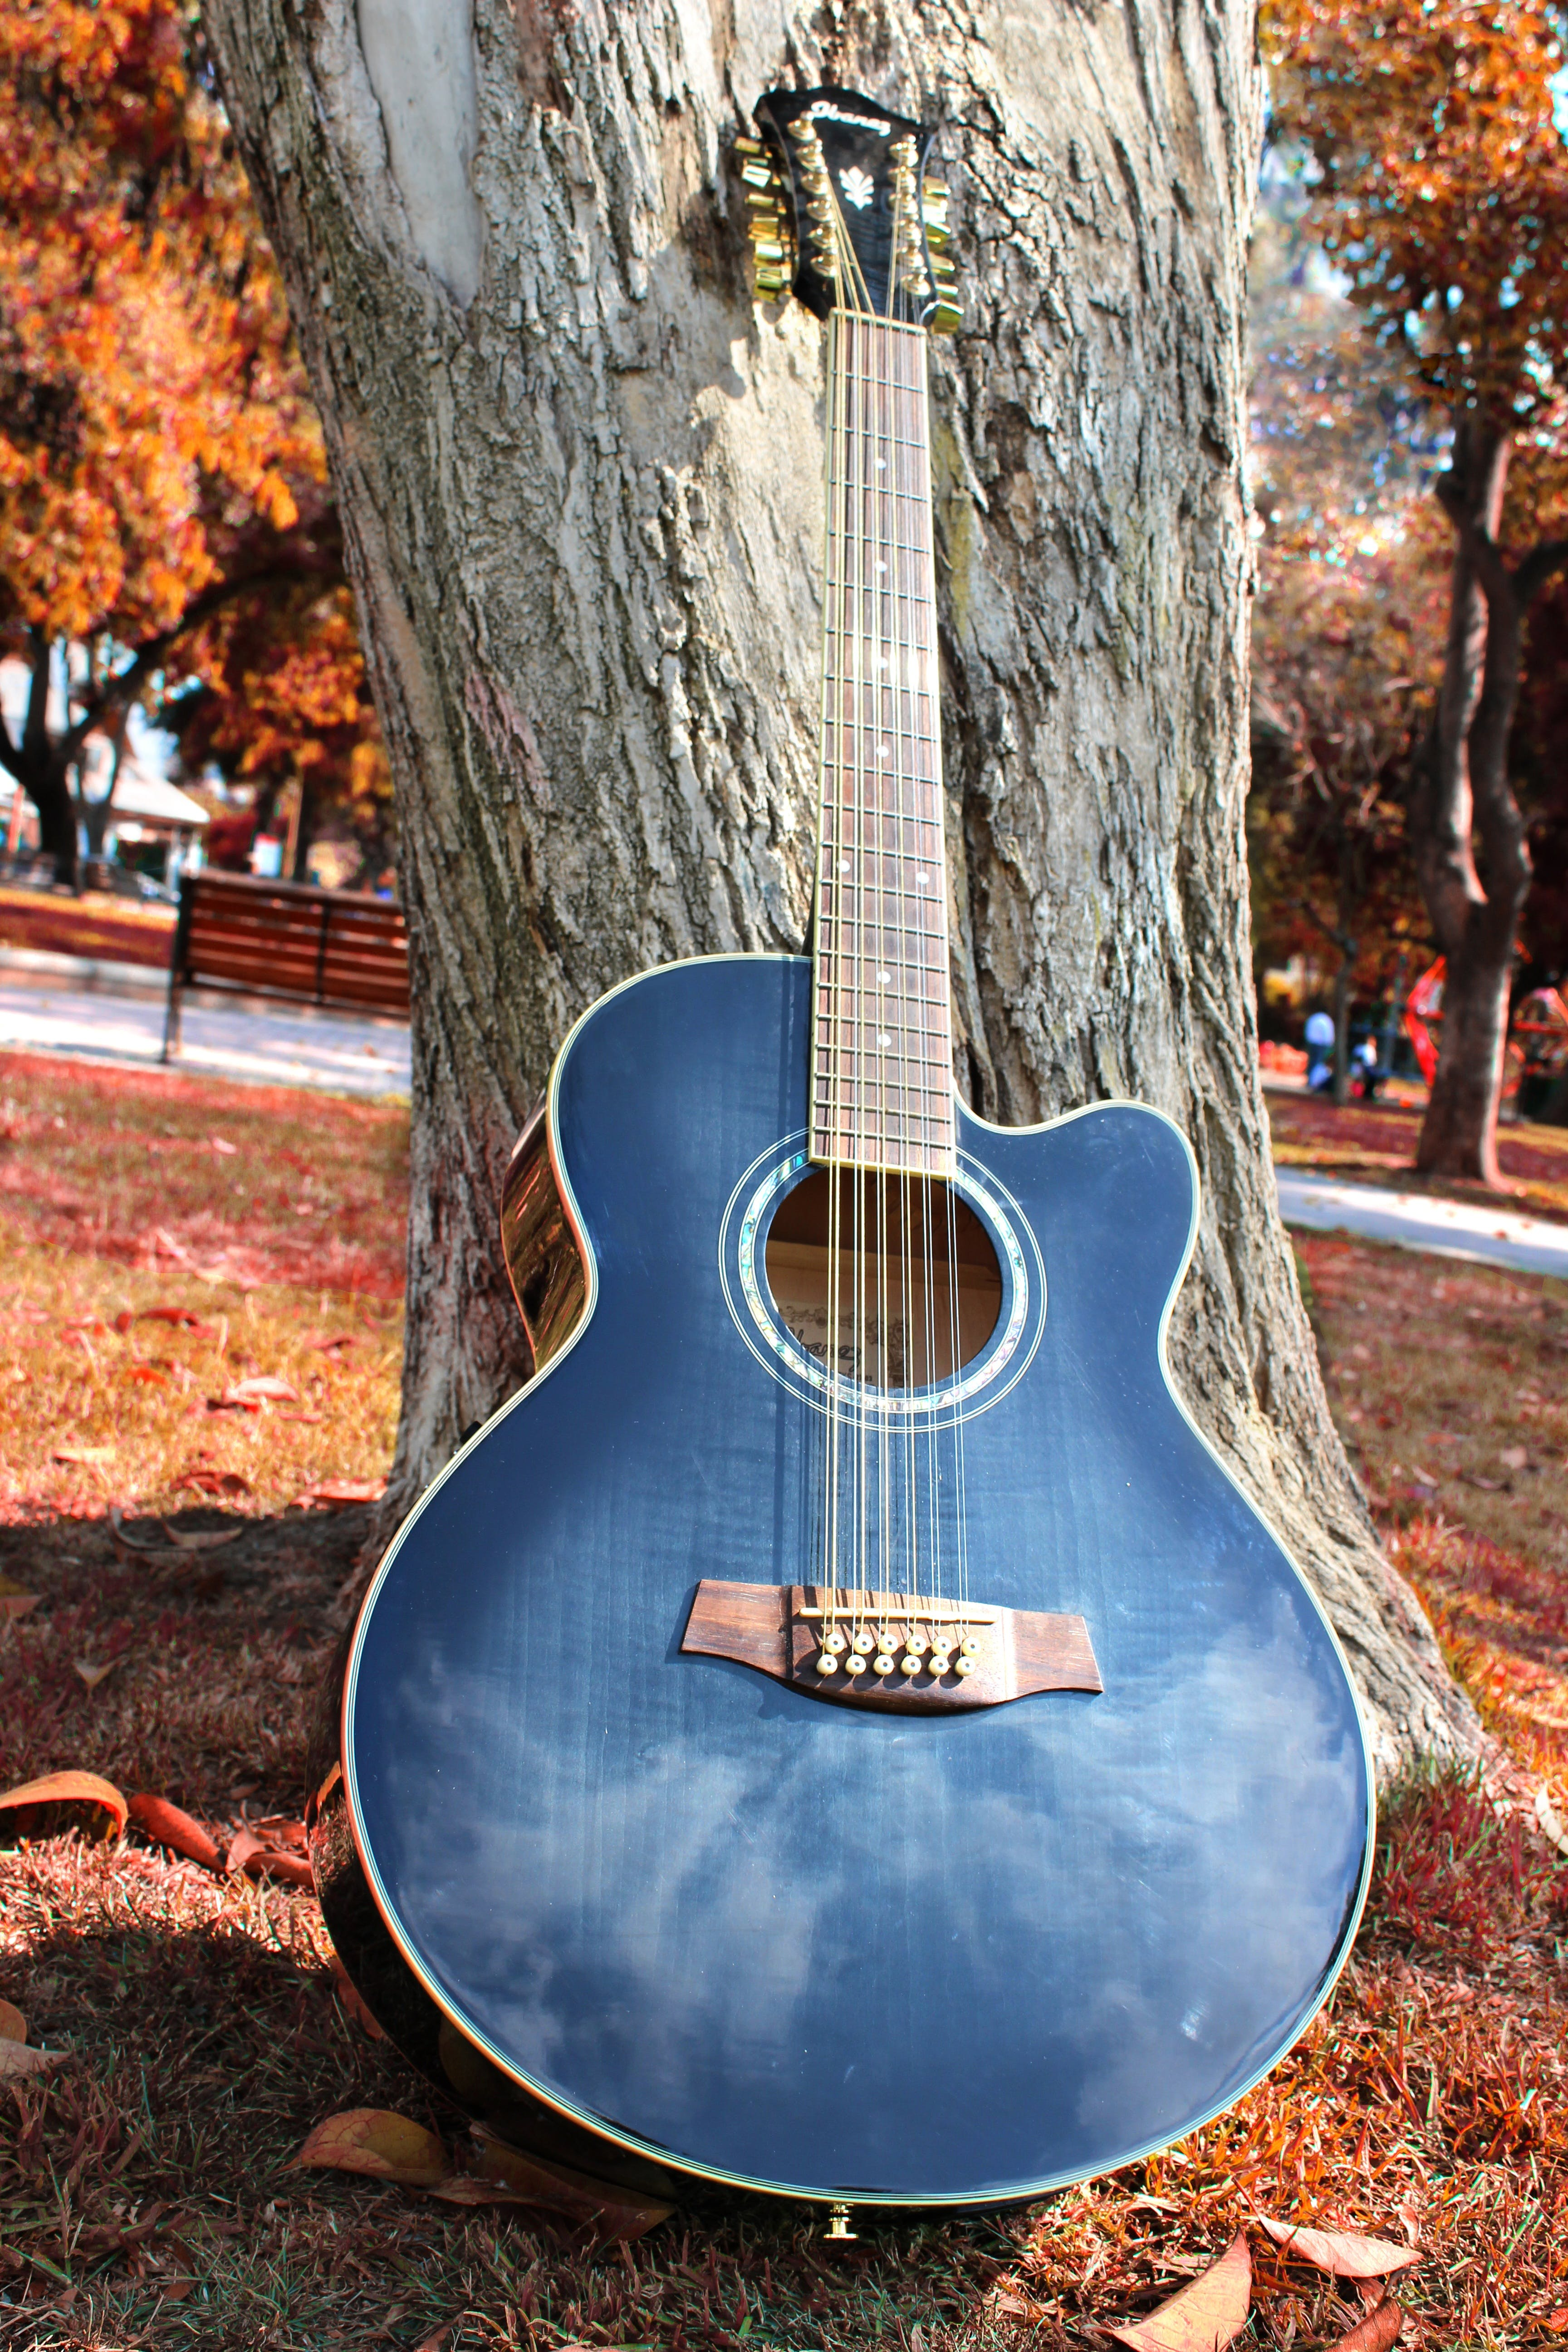 公園, 吉他, 弦樂器, 樂器 的 免費圖庫相片